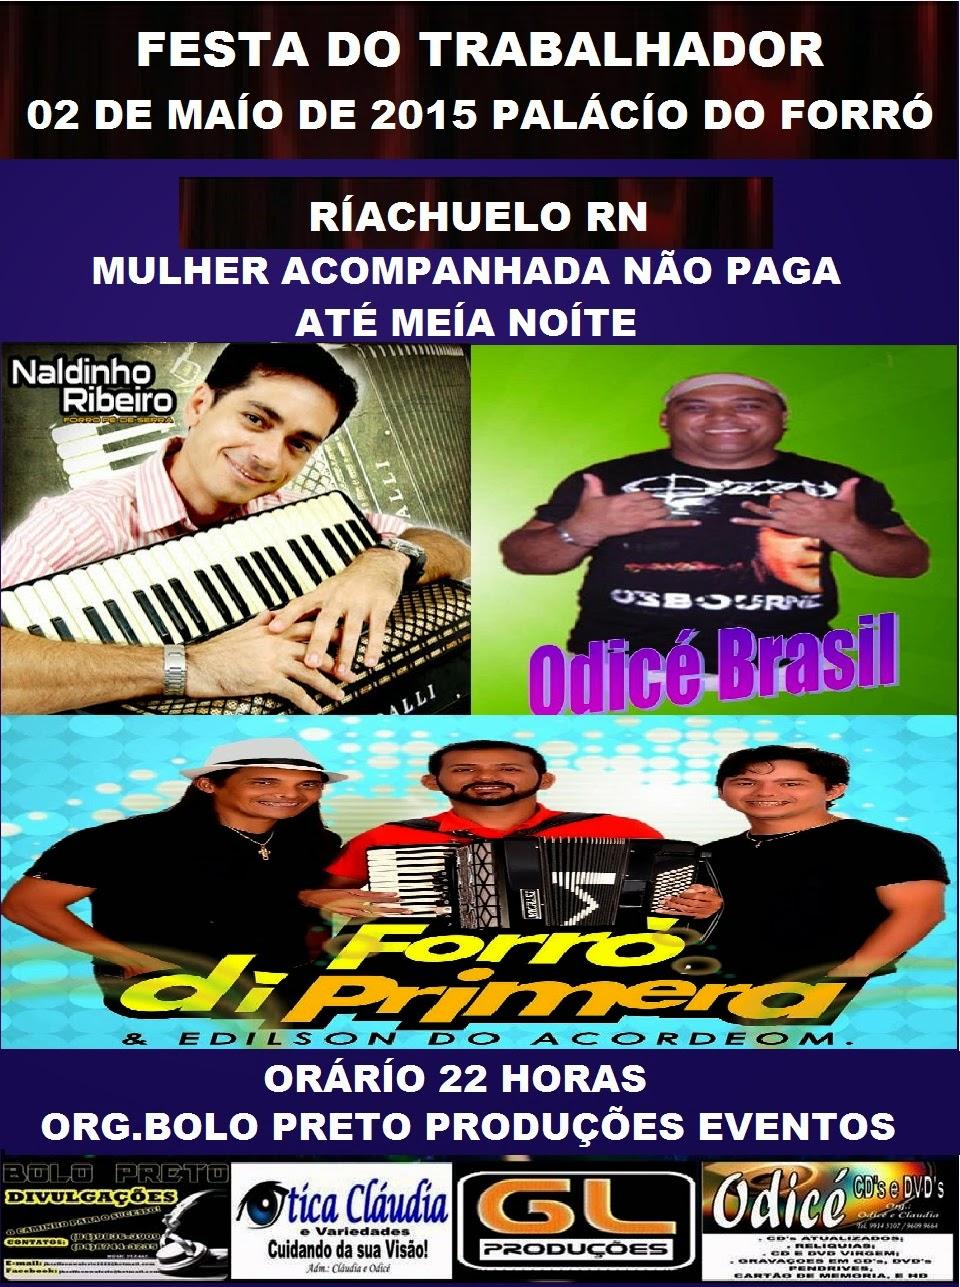 FESTA DO TRABALHADOR RIACHUELO RN.